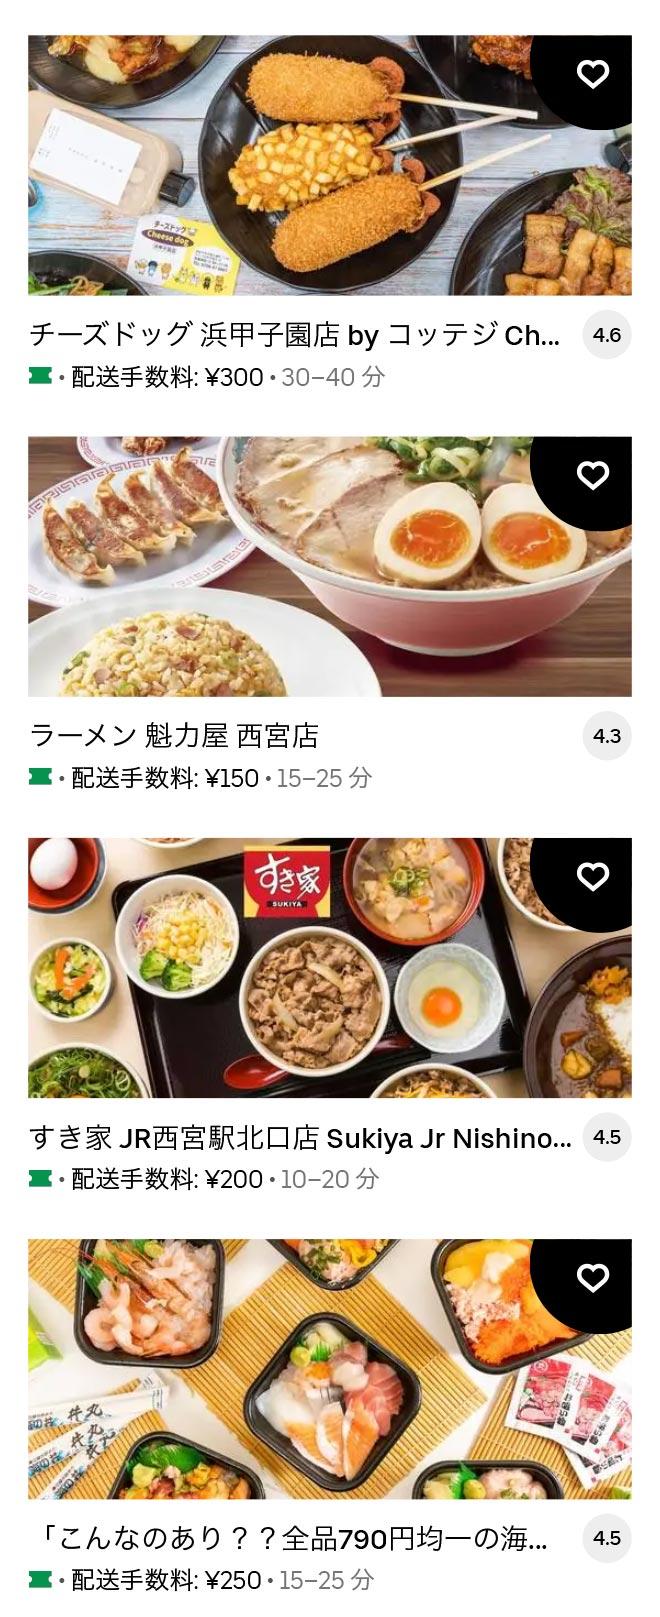 U nishinomiya 2105 07